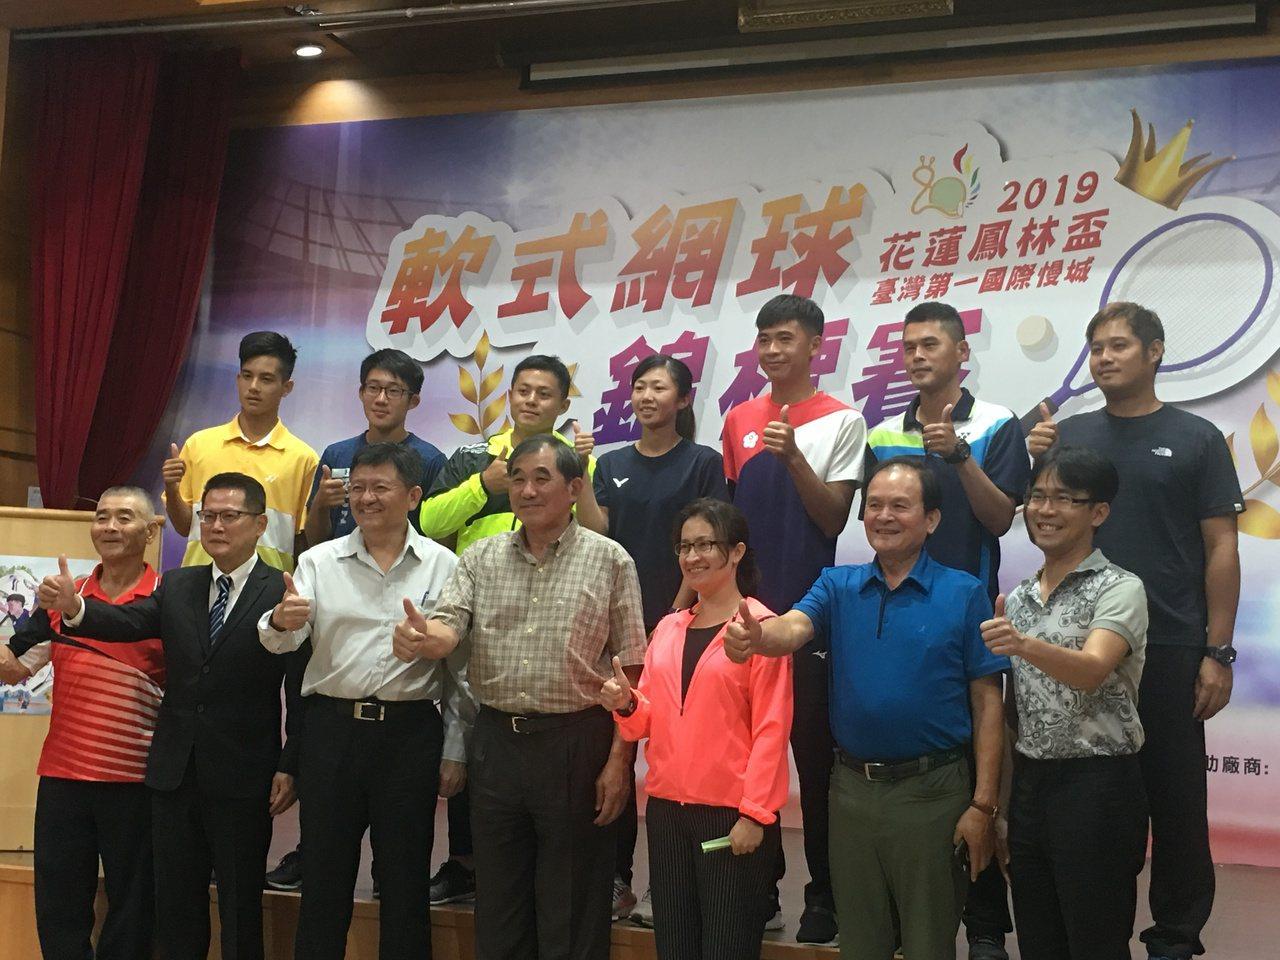 花蓮鳳林首度舉辦軟式網球國際賽,今天特別舉辦記者會宣傳。記者曾思儒/攝影